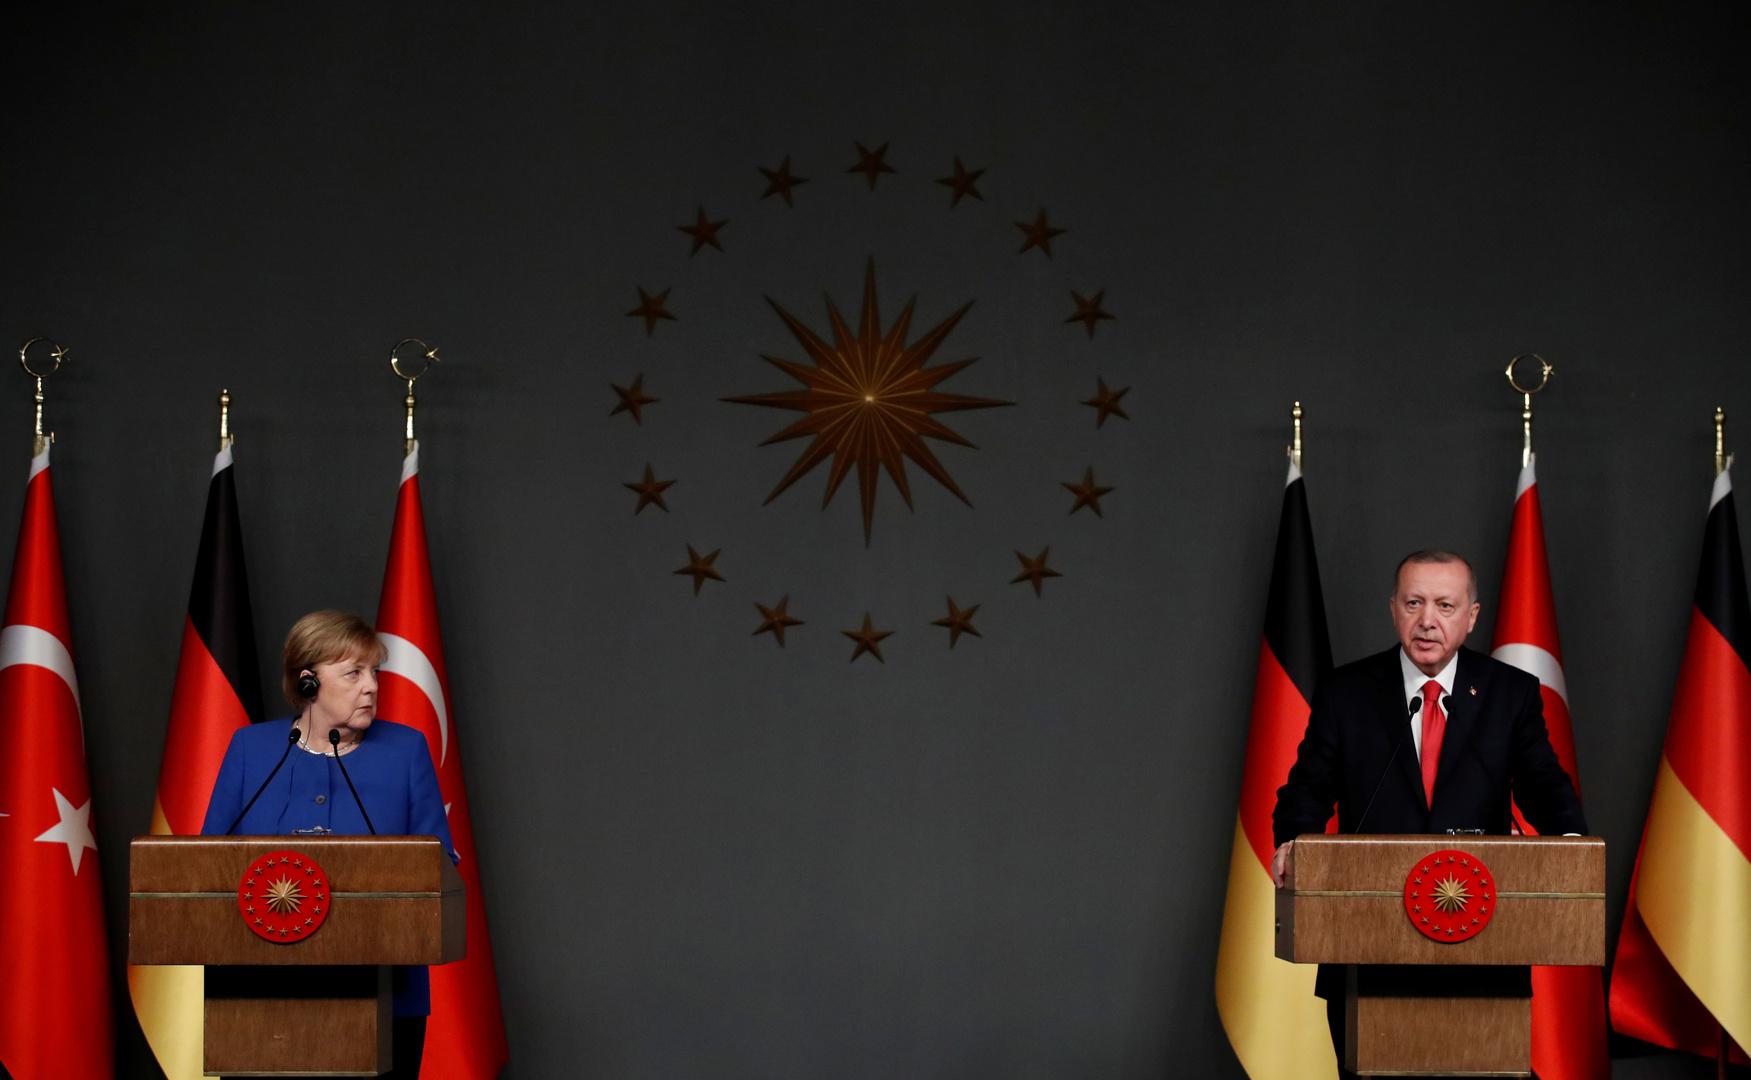 أردوغان لميركل: اتفاق وقف إطلاق النار في إدلب يضمن أمن الجنود الأتراك